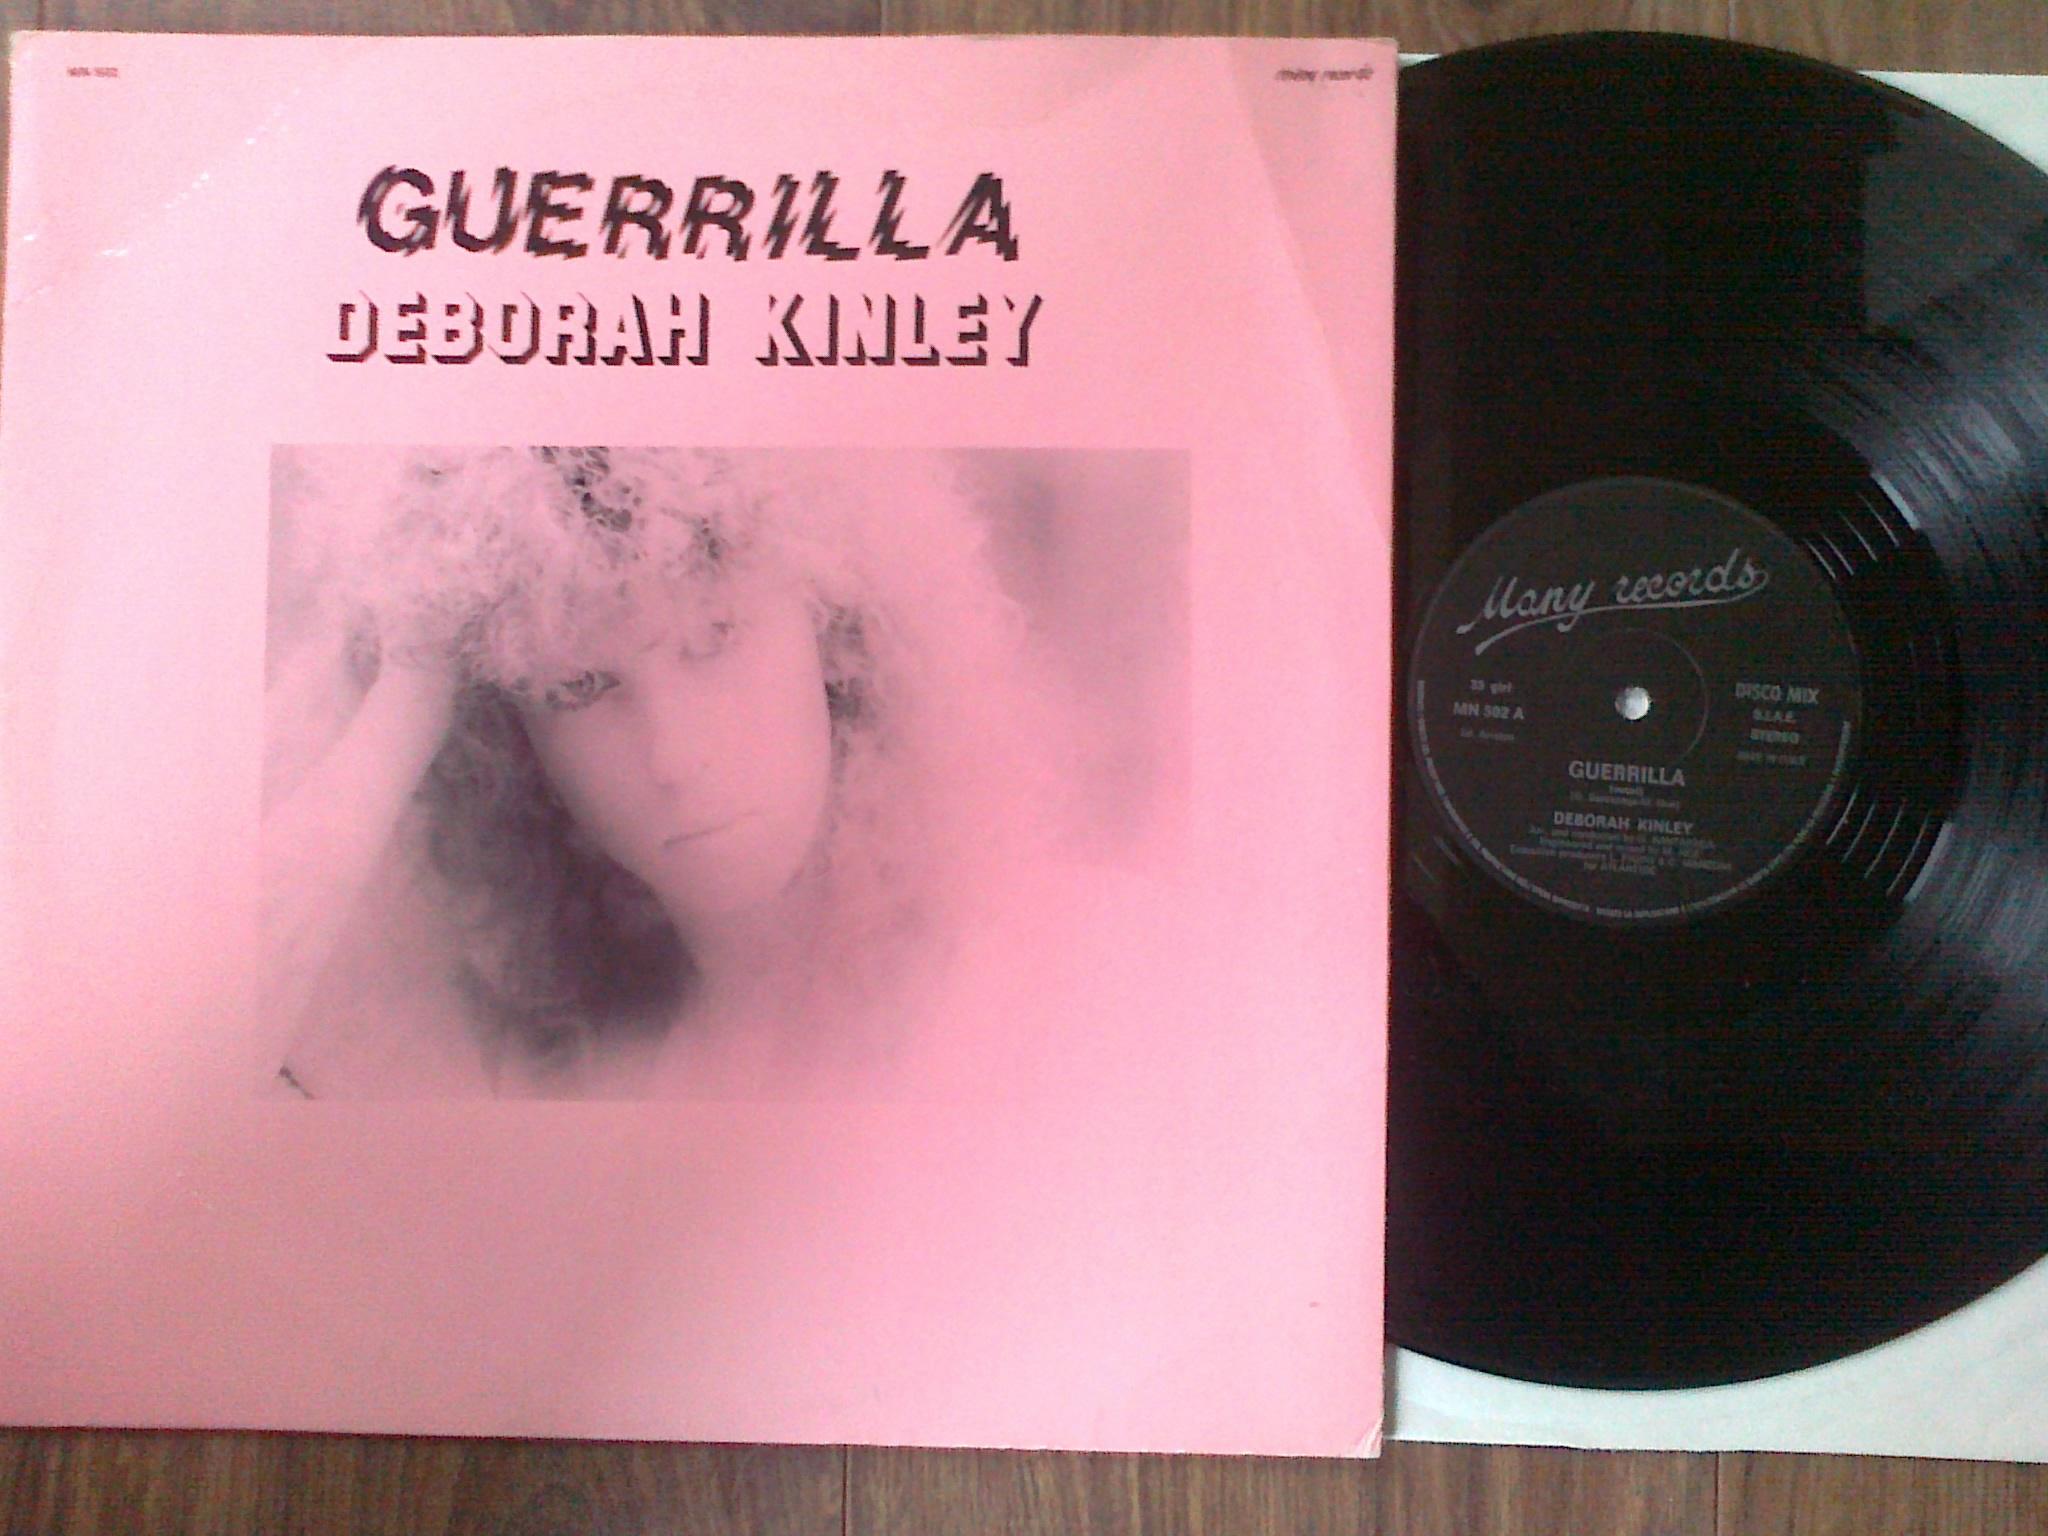 Deborah Kinley - Guerrilla